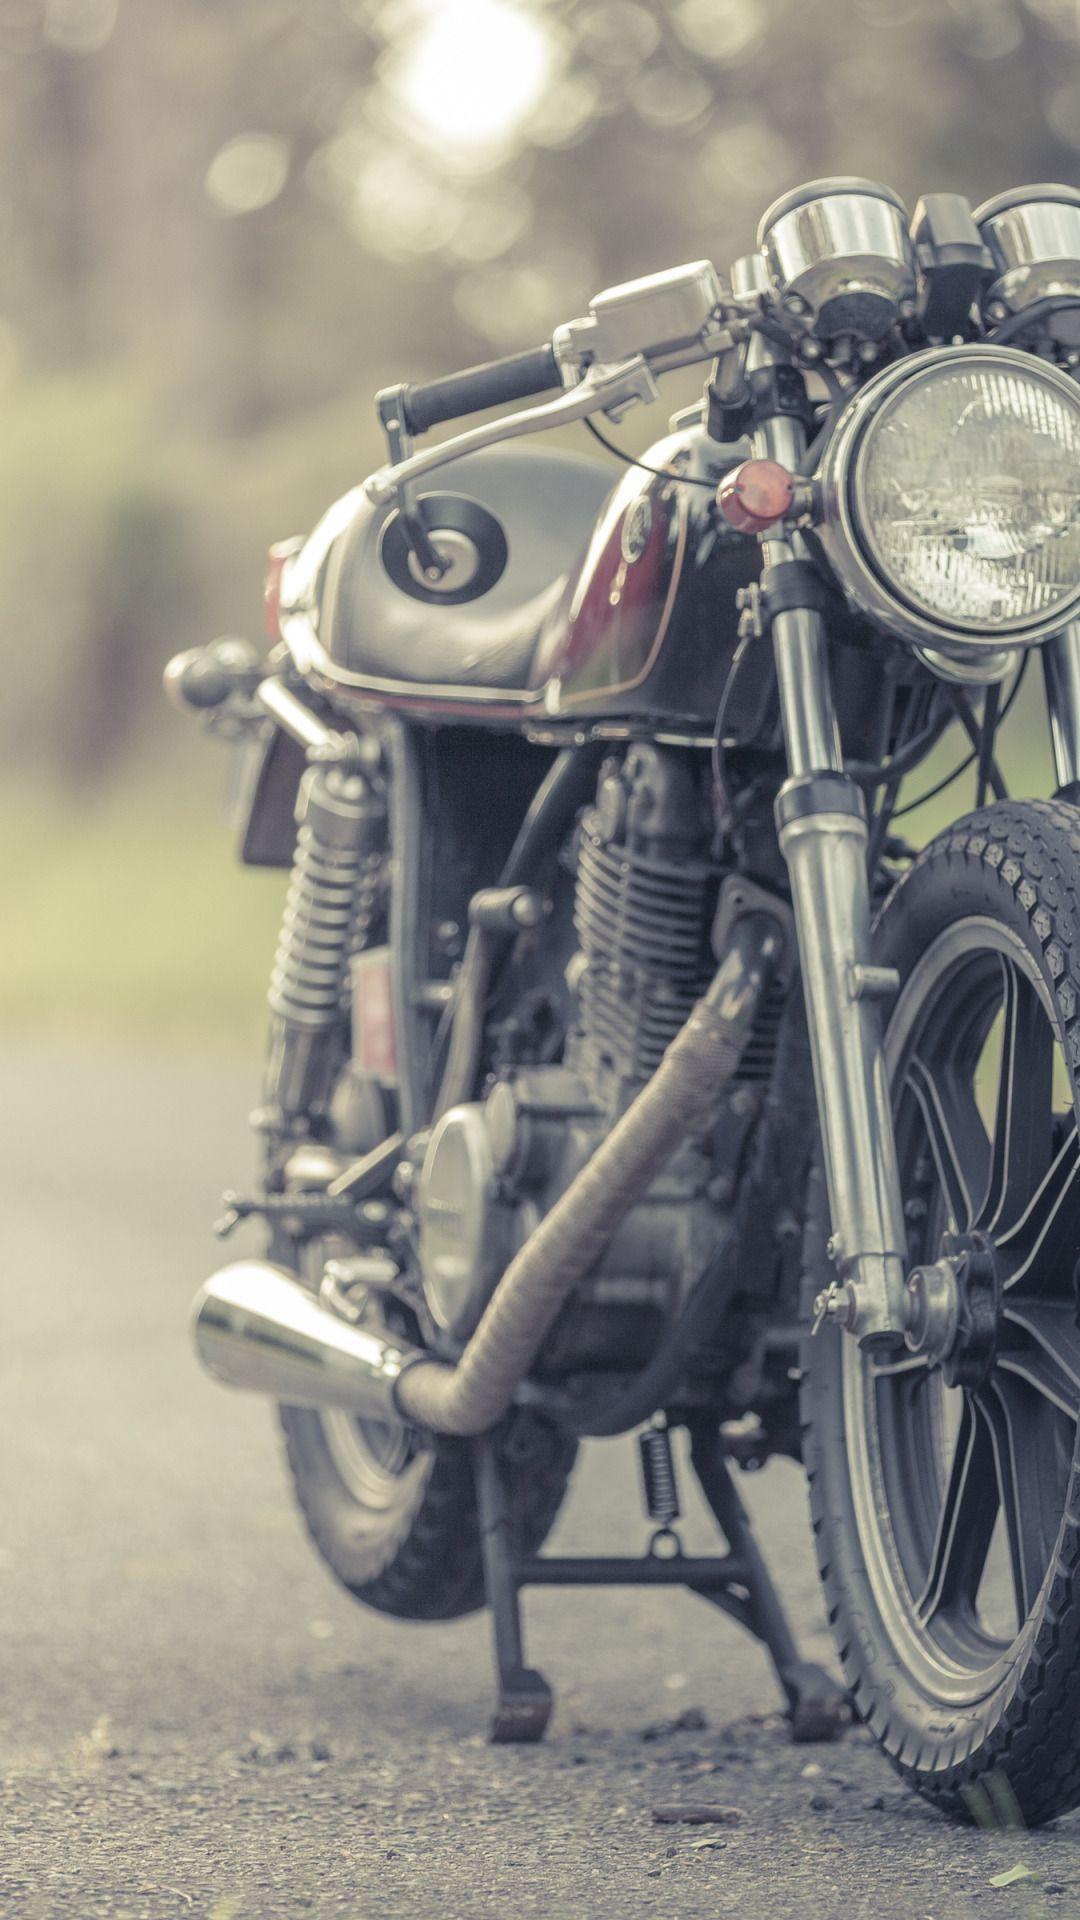 Yamaha, Vintage, Cafe Racer, Sr